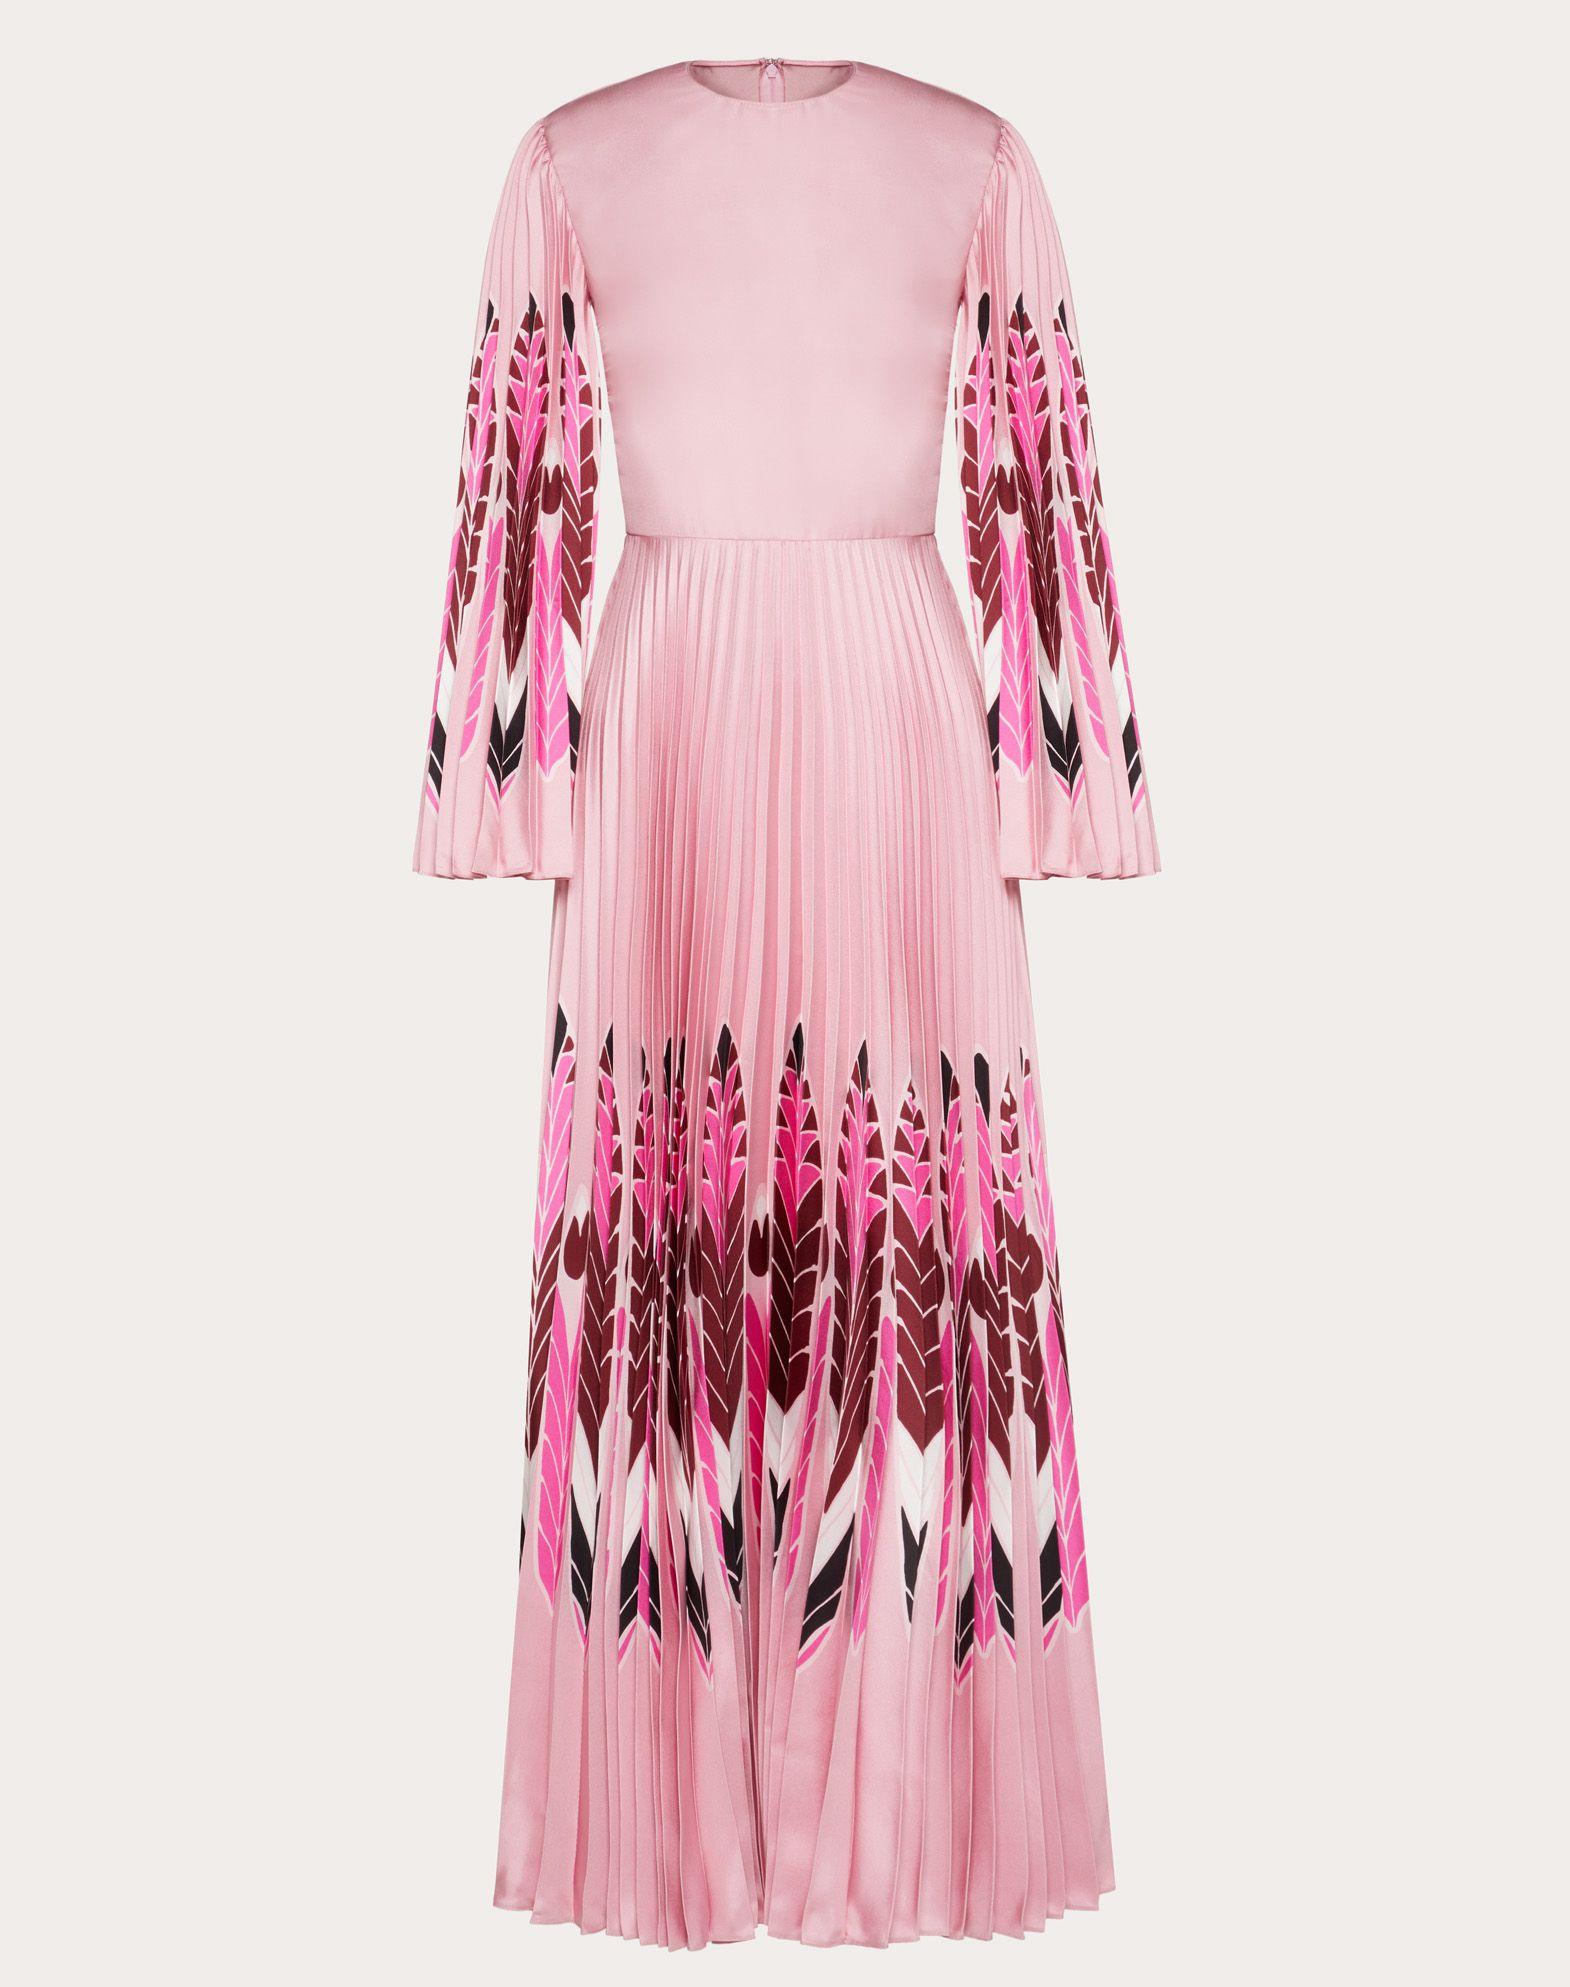 Printed Twill Dress